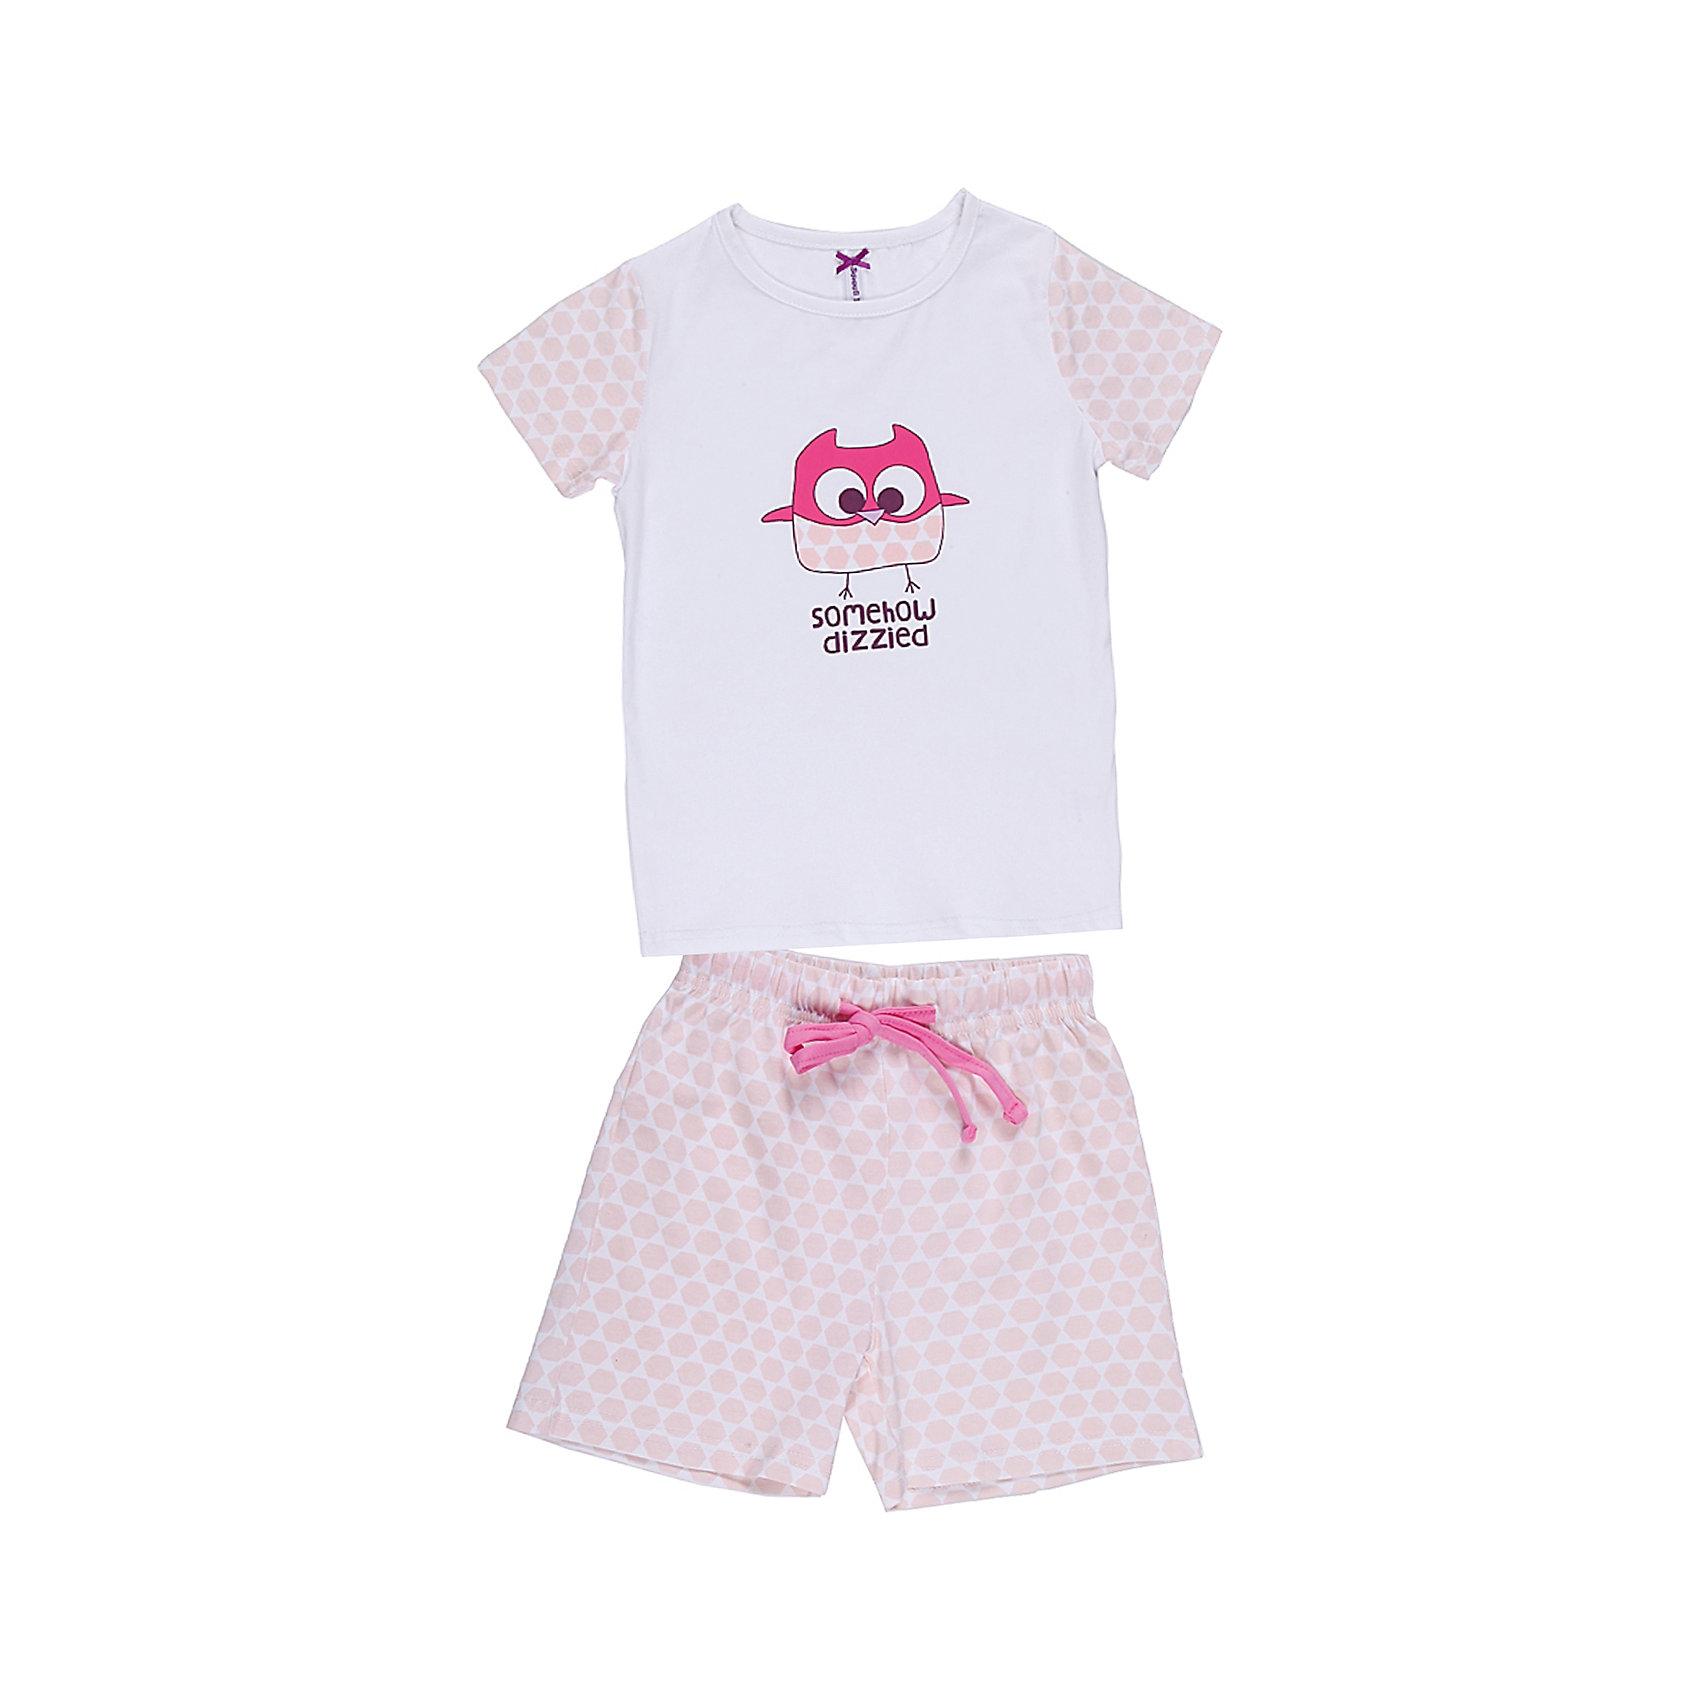 Комплект: футболка и шорты для девочки Sweet BerryПижамы и сорочки<br>Пижама для девочки с футболкой и шортами.<br>Состав:<br>95% хлопок, 5% эластан<br><br>Ширина мм: 196<br>Глубина мм: 10<br>Высота мм: 154<br>Вес г: 152<br>Цвет: белый<br>Возраст от месяцев: 36<br>Возраст до месяцев: 48<br>Пол: Женский<br>Возраст: Детский<br>Размер: 104,110,116,122,128,134,140,98<br>SKU: 6945421